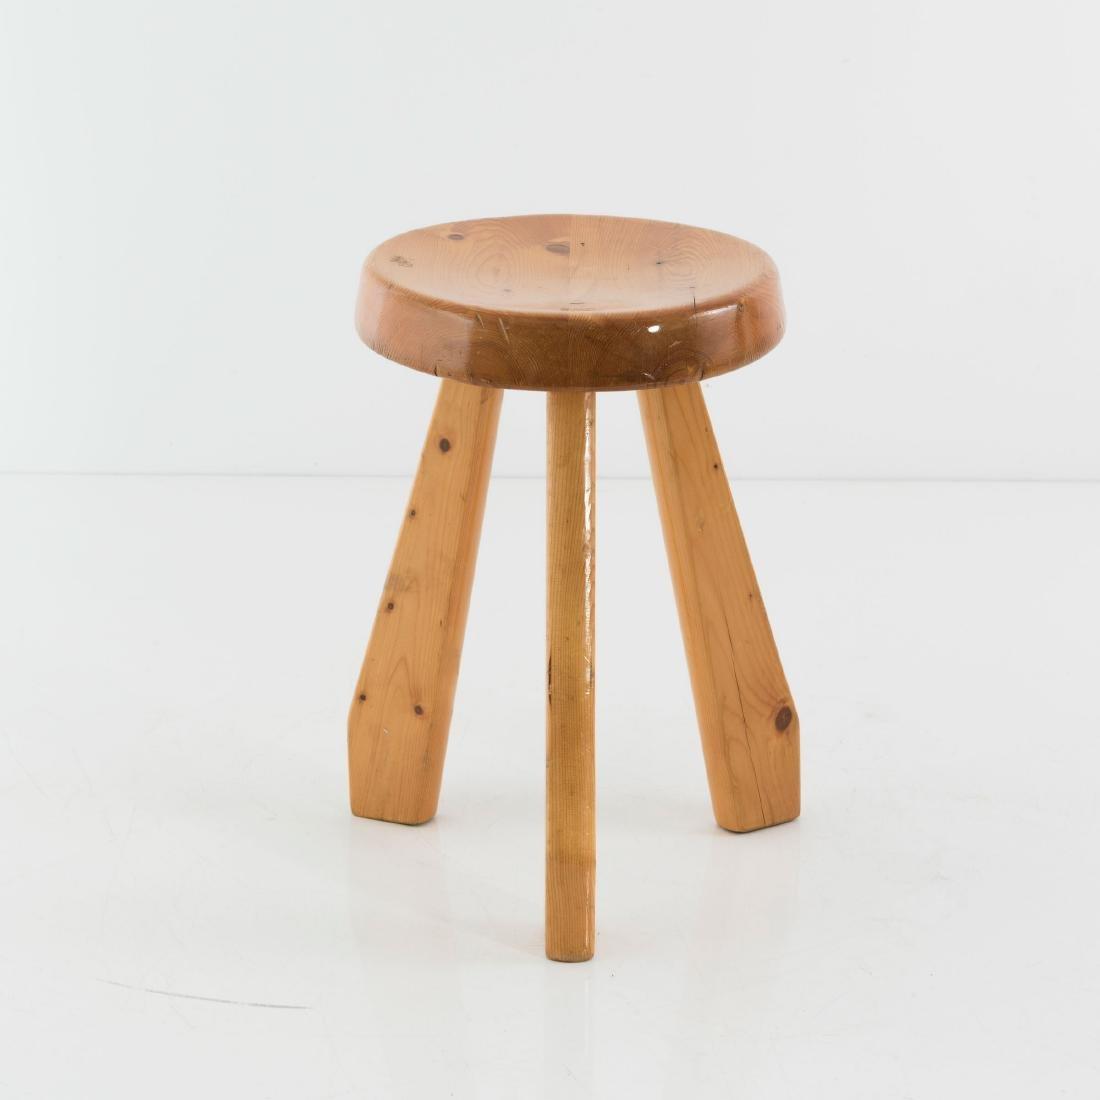 'Meribel' stool, 1962 - 2